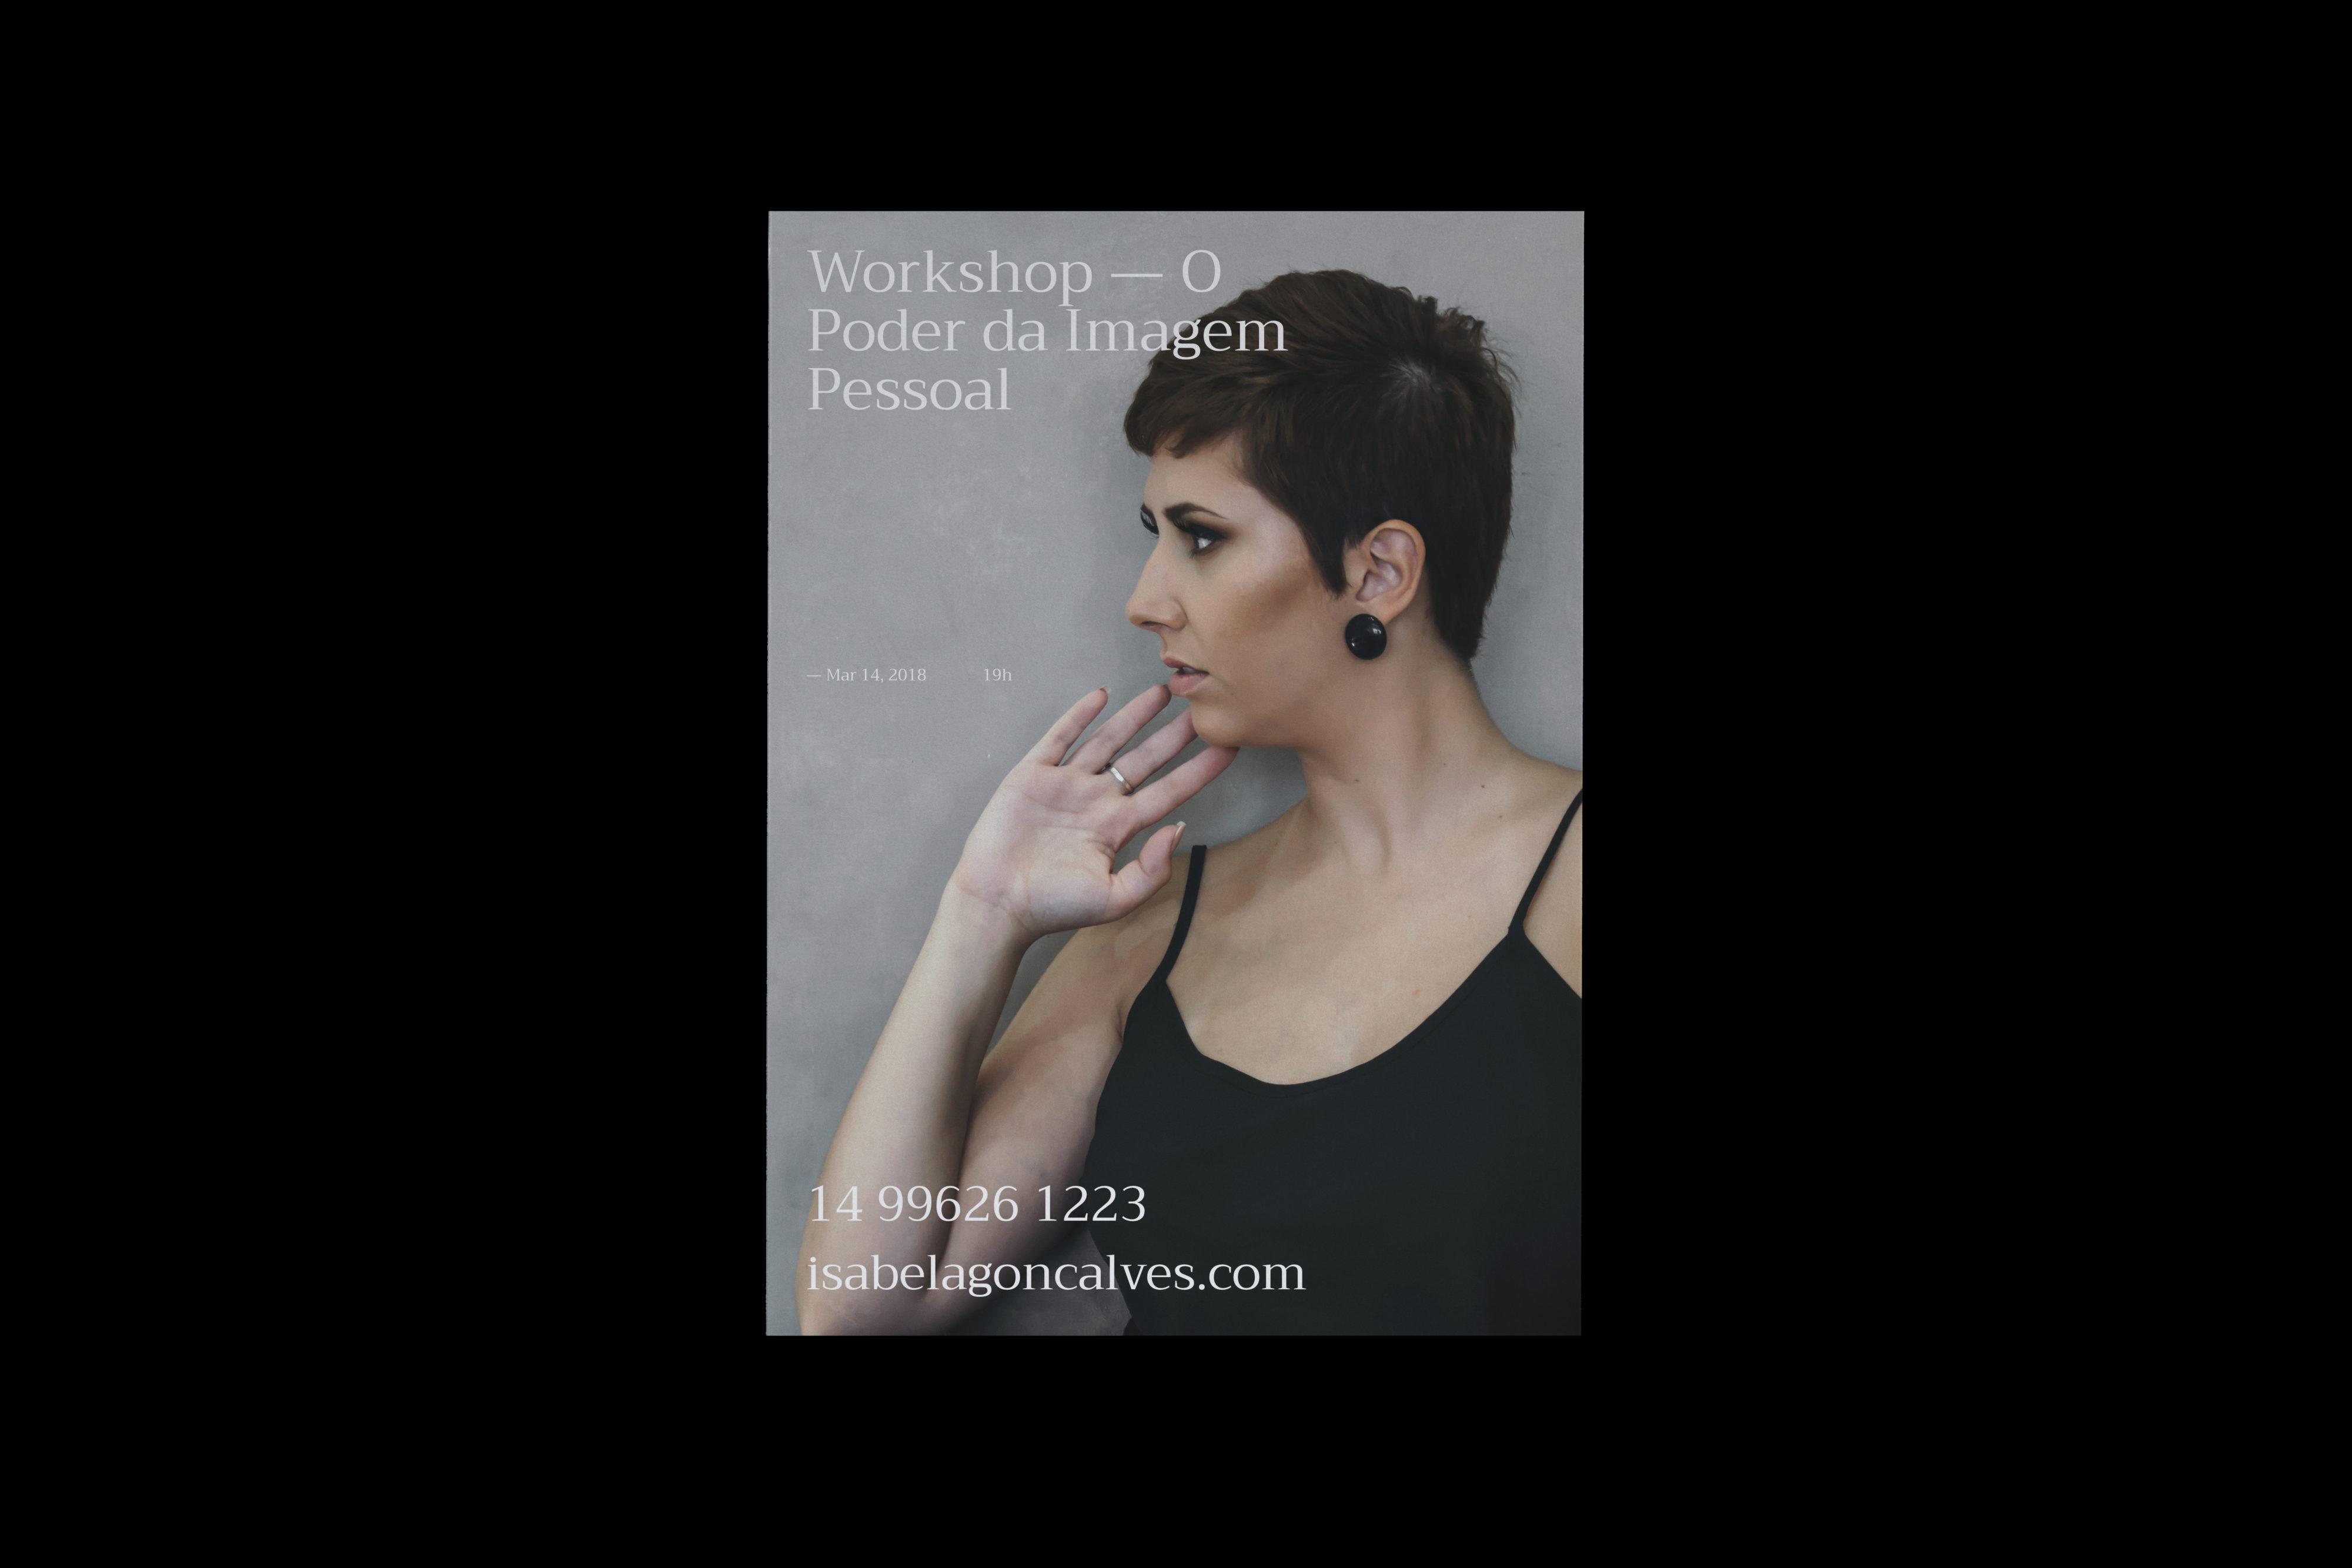 Isabela Gonçalves 3